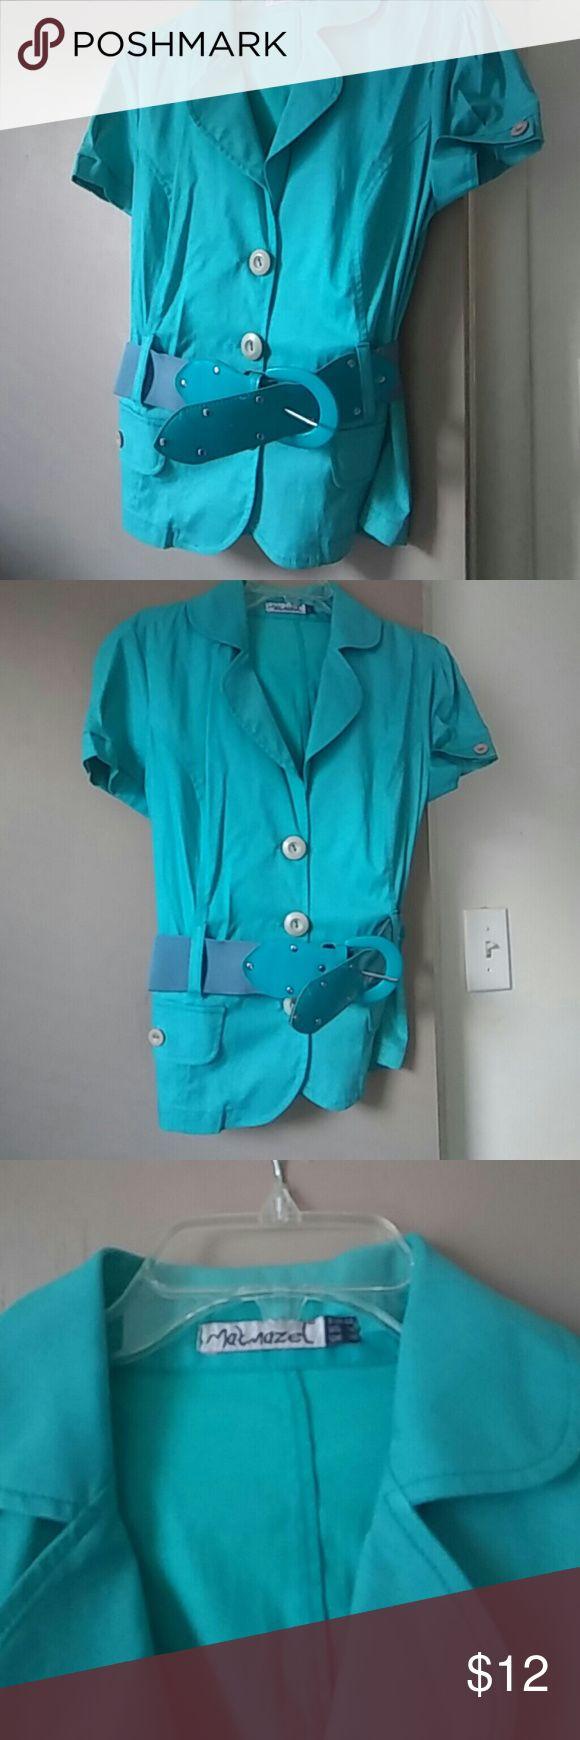 Short sleeve women blazer Never been warned without tag. Cute mint green short sleeve women blazer with belt. Very soft material matmazel Jackets & Coats Blazers